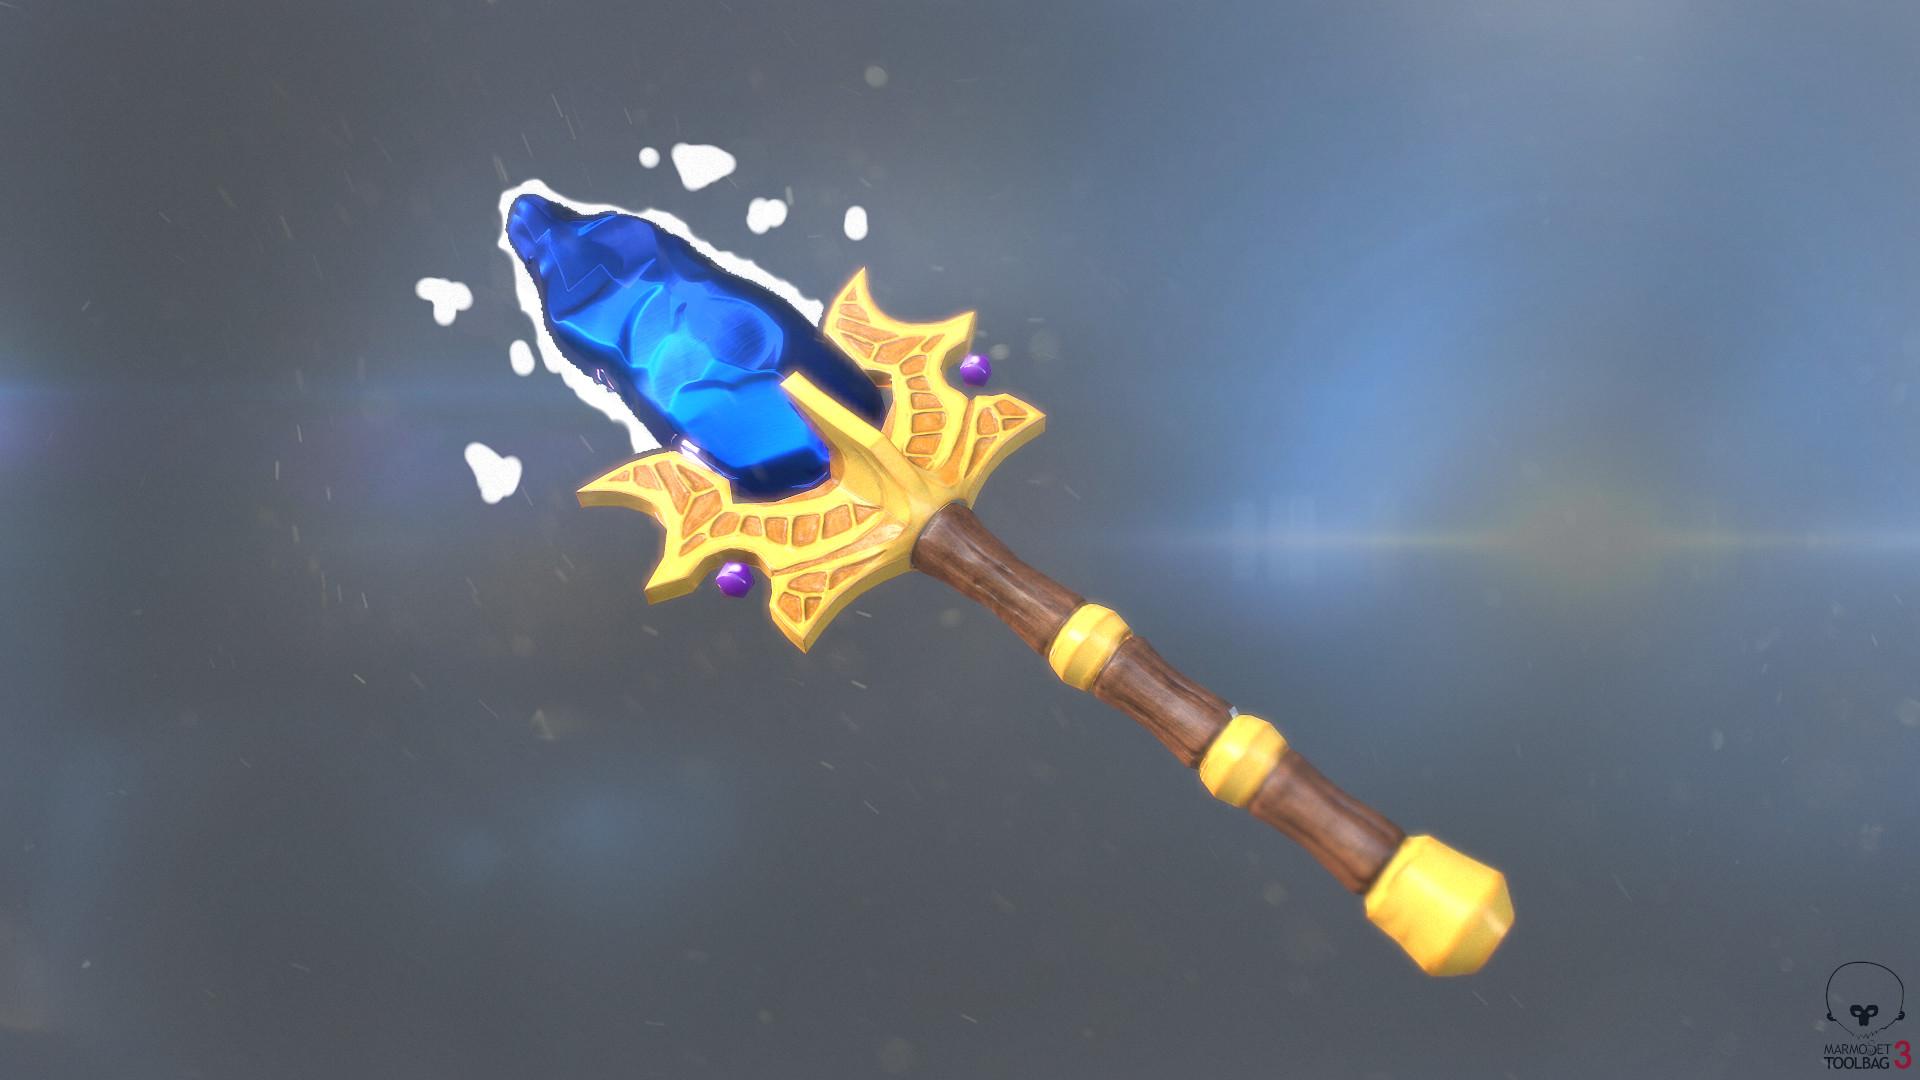 Aghanim's scepter